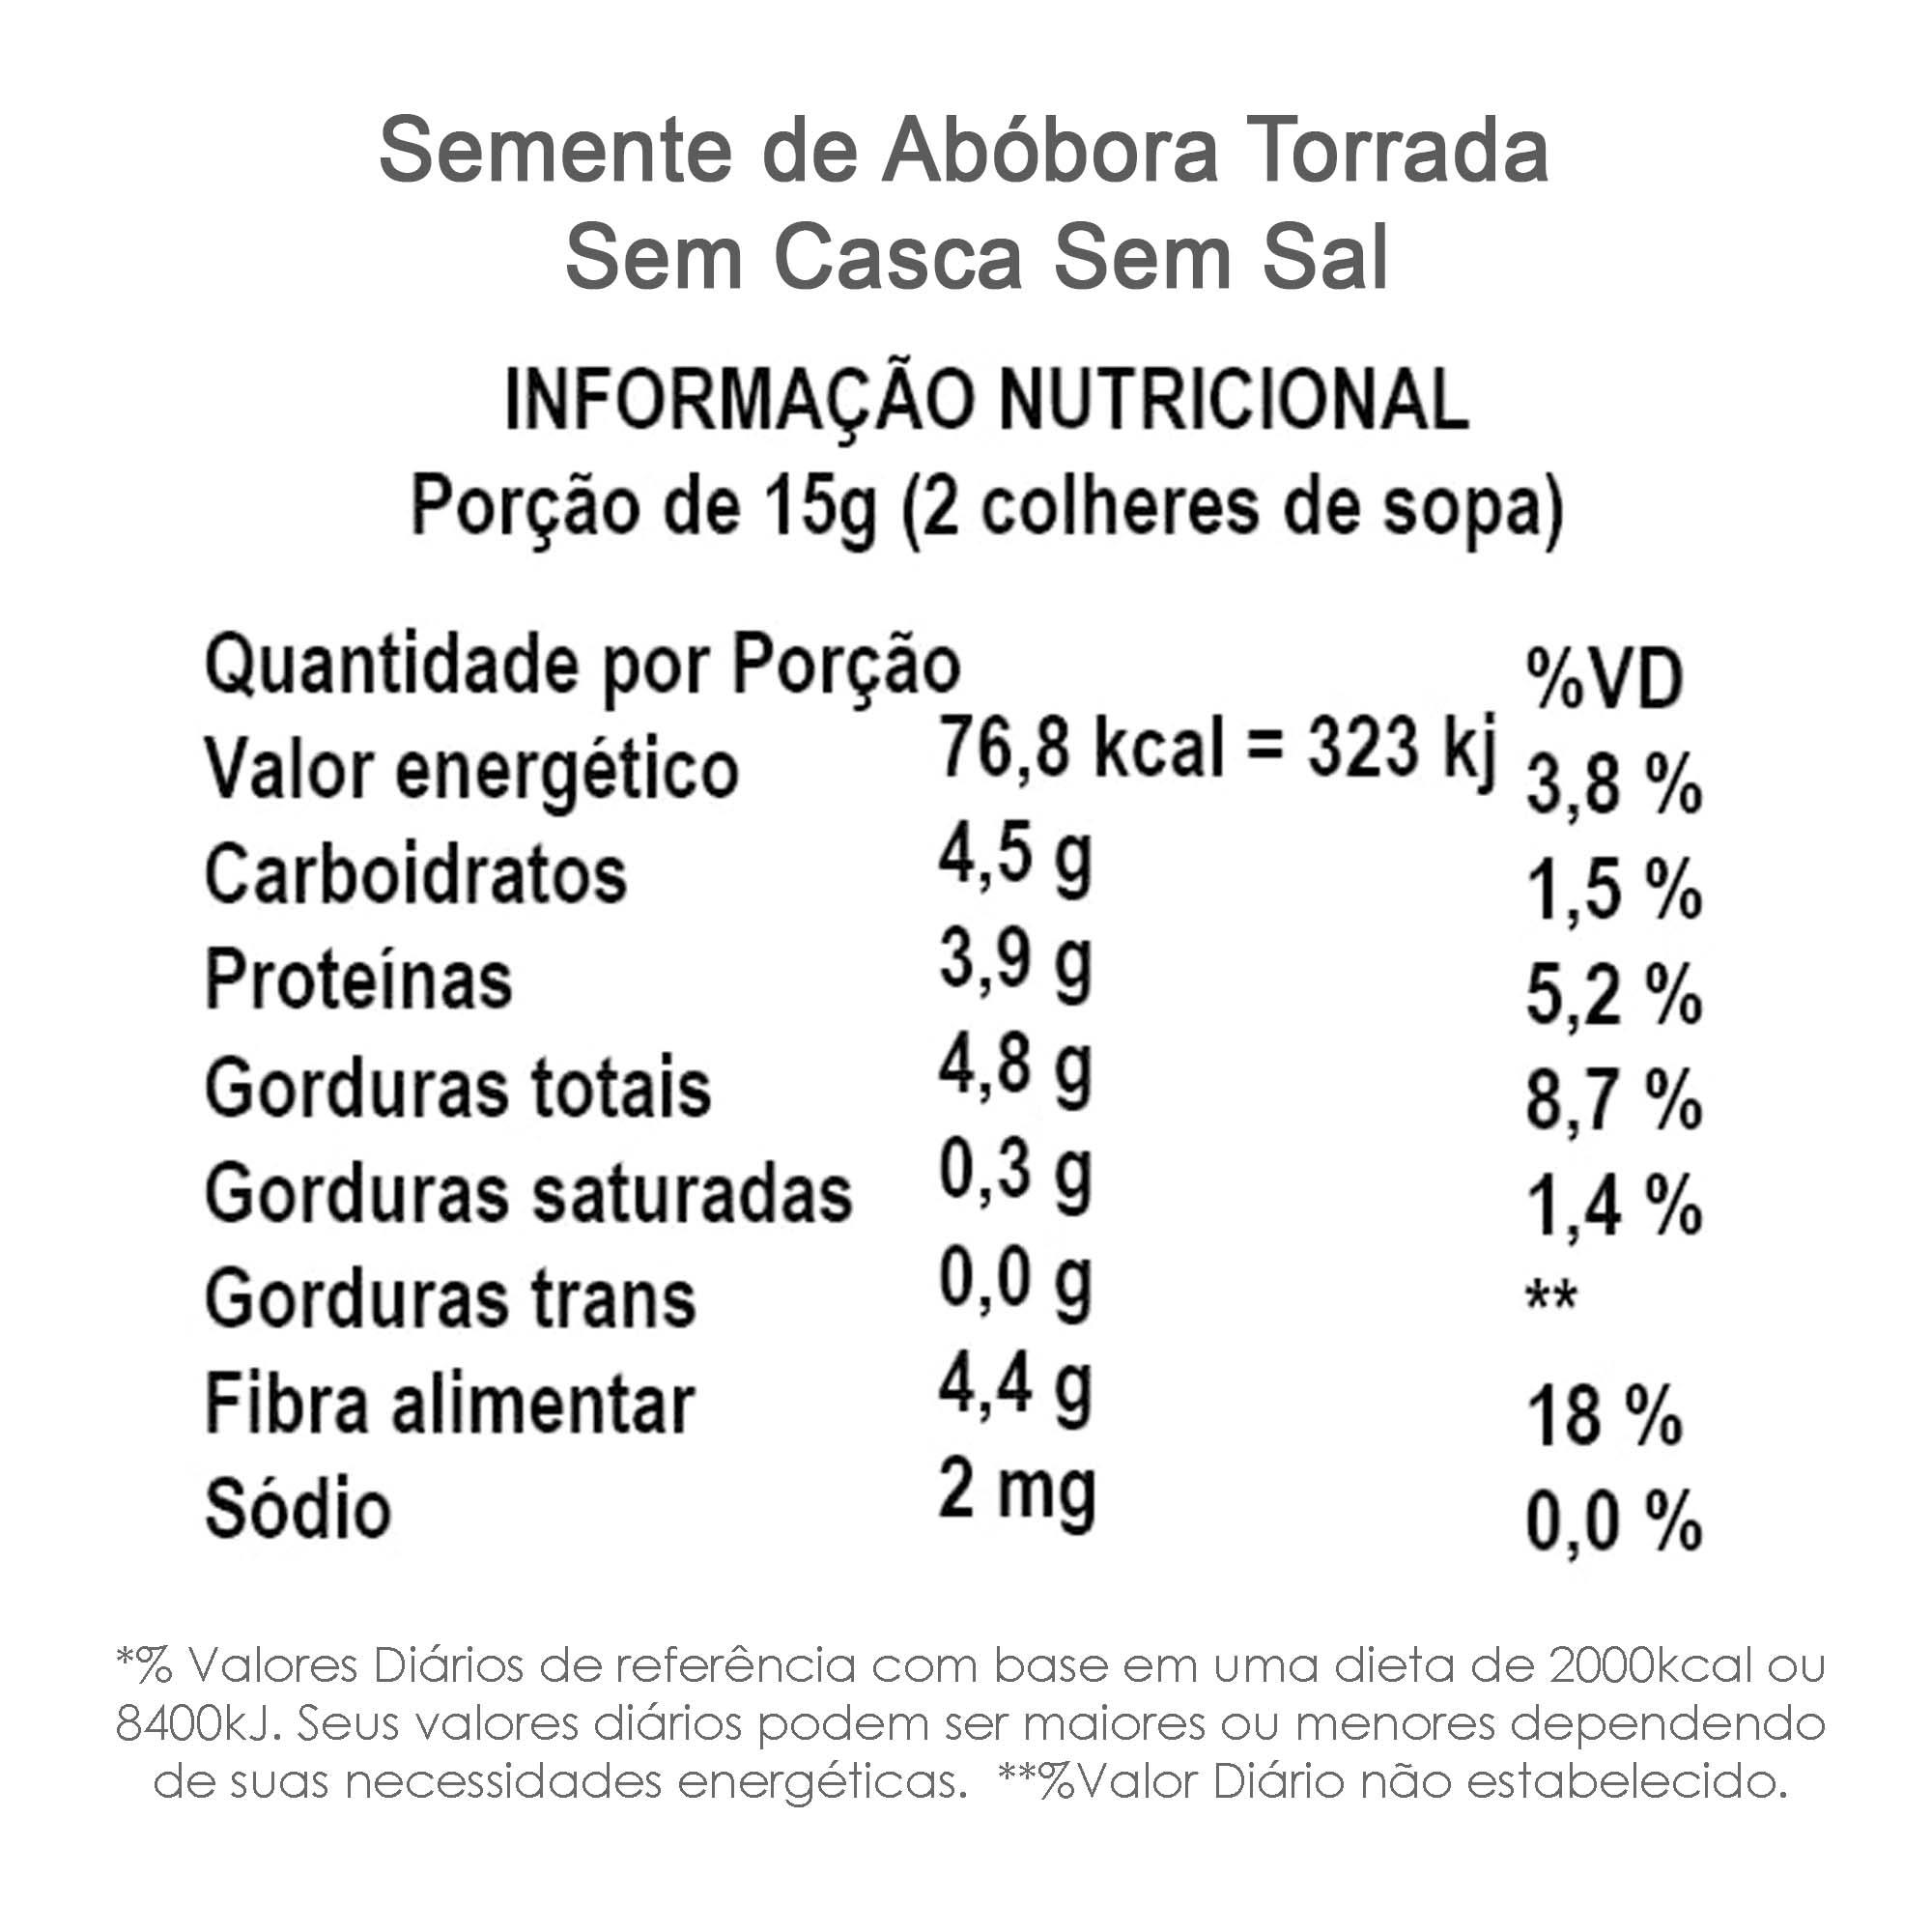 Semente de Abóbora Torrada sem Sal (sem casca) 500g  - TLC Tudo Low Carb